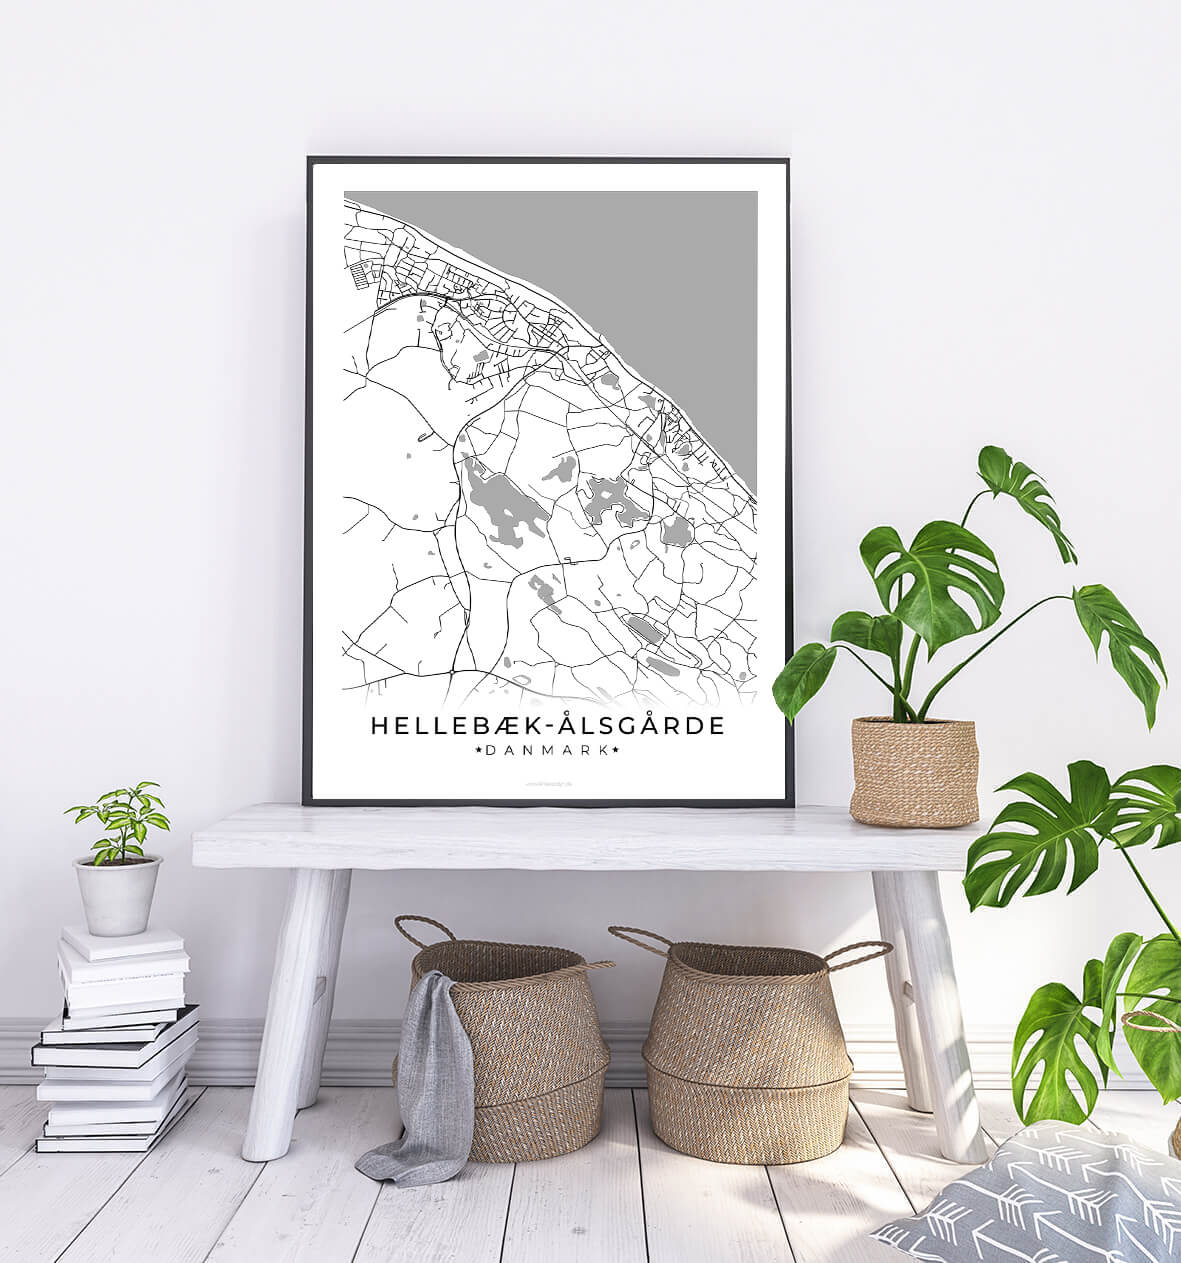 Hellebaek-Aalsgaarde-hvid-byplakat-2